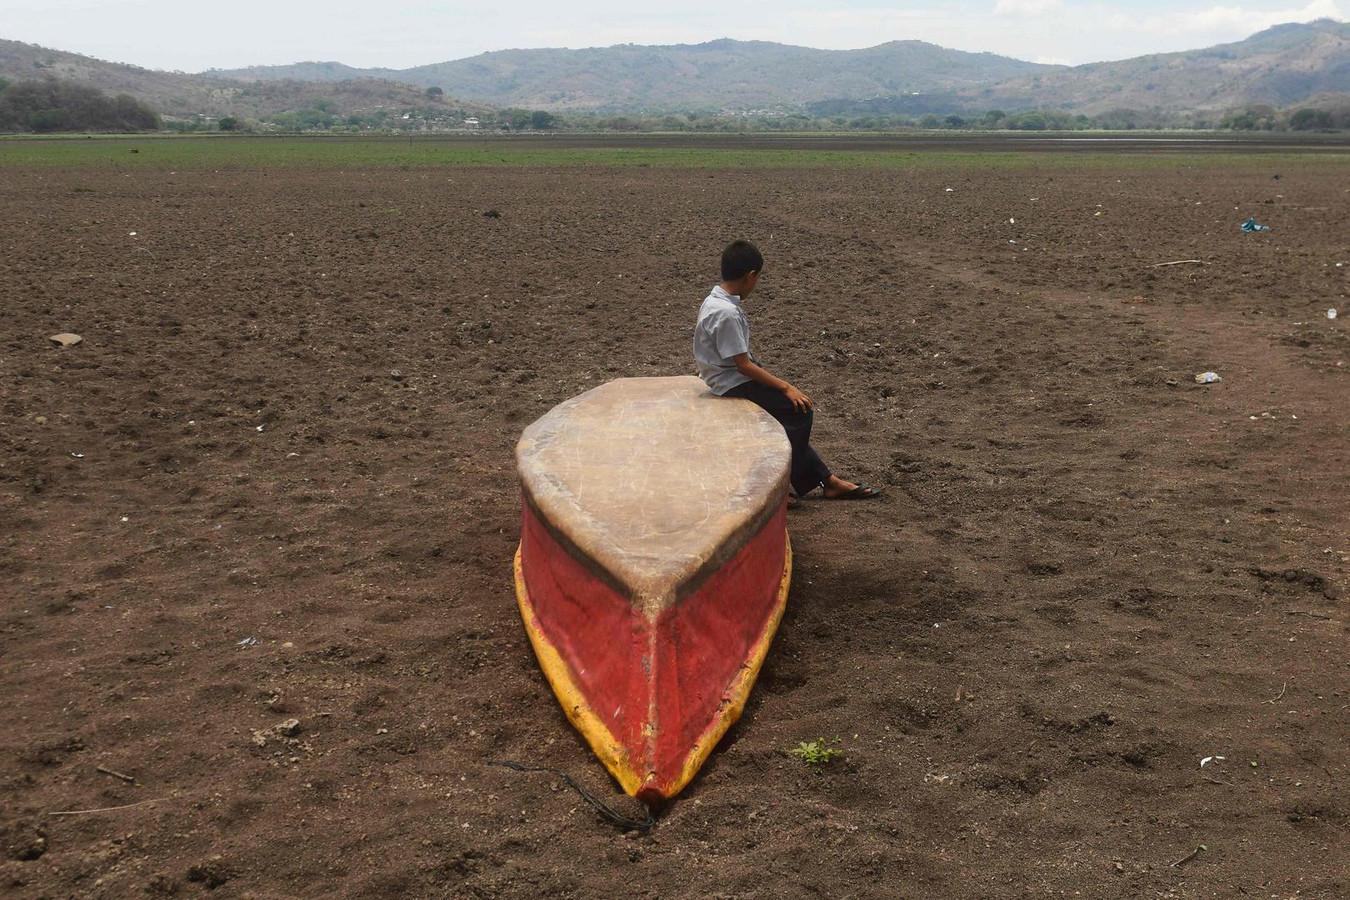 Een jongen op een verlaten bootje in het opgedroogde Atescatempa-meer in Guatemala.